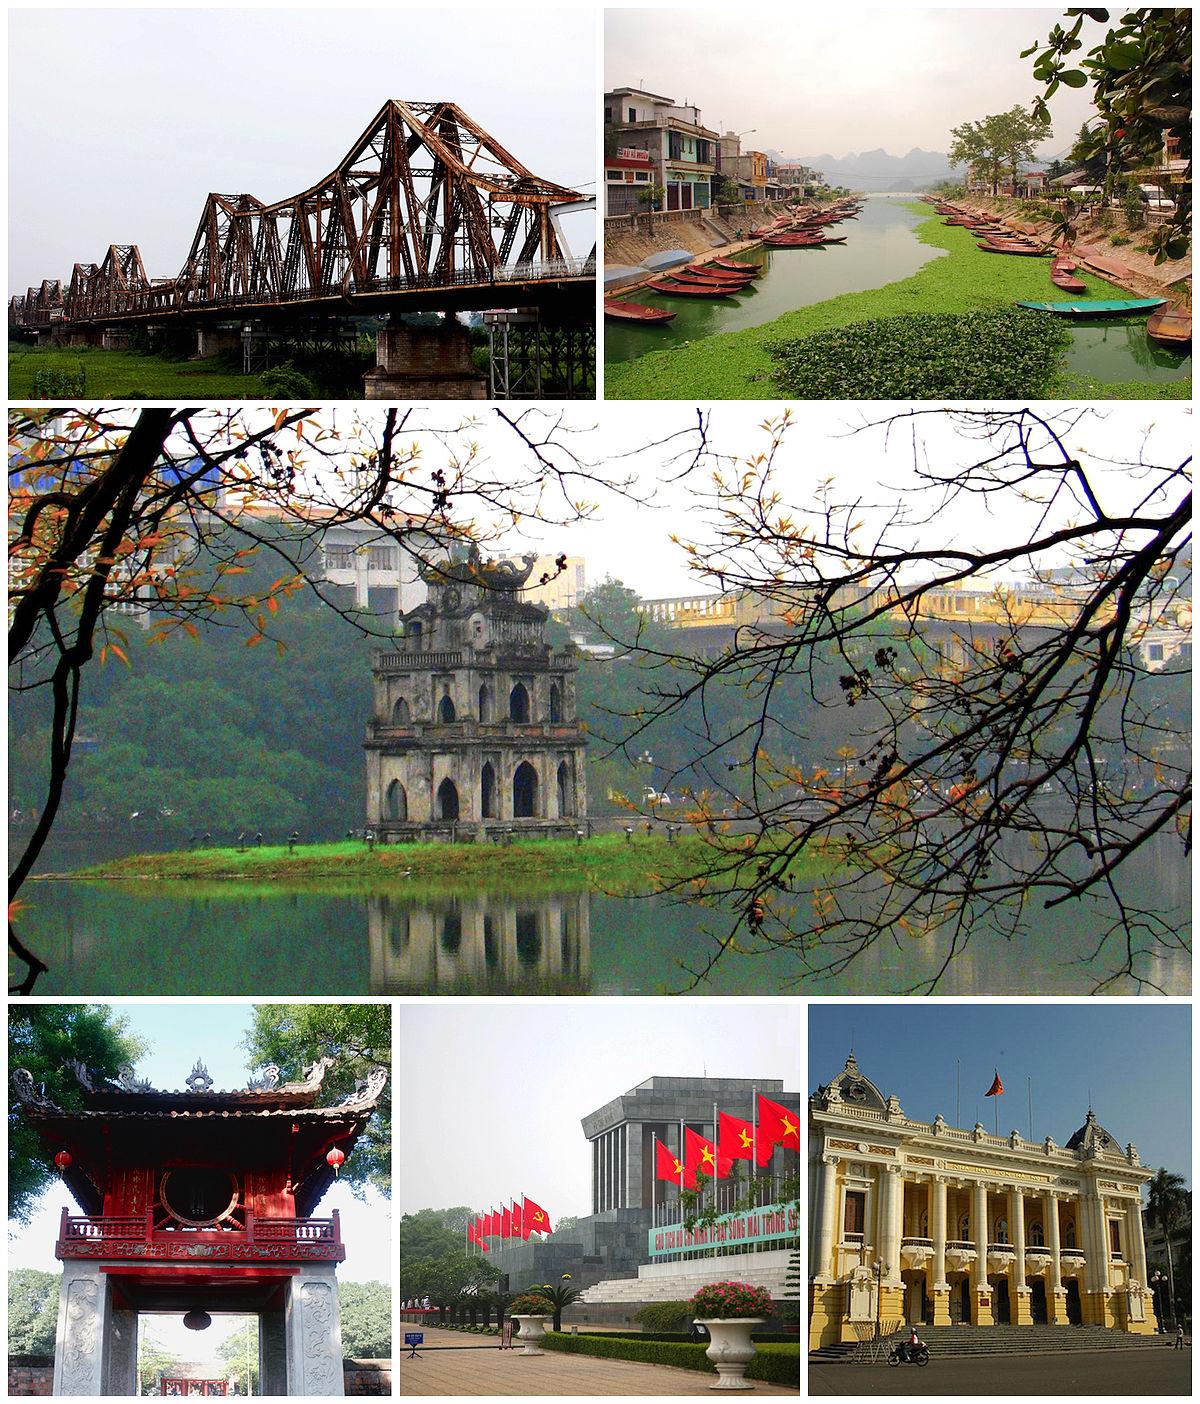 Nên kinh doanh gì ở Hà Nội, Kinh doanh gì bây giờ ở Thủ Đô